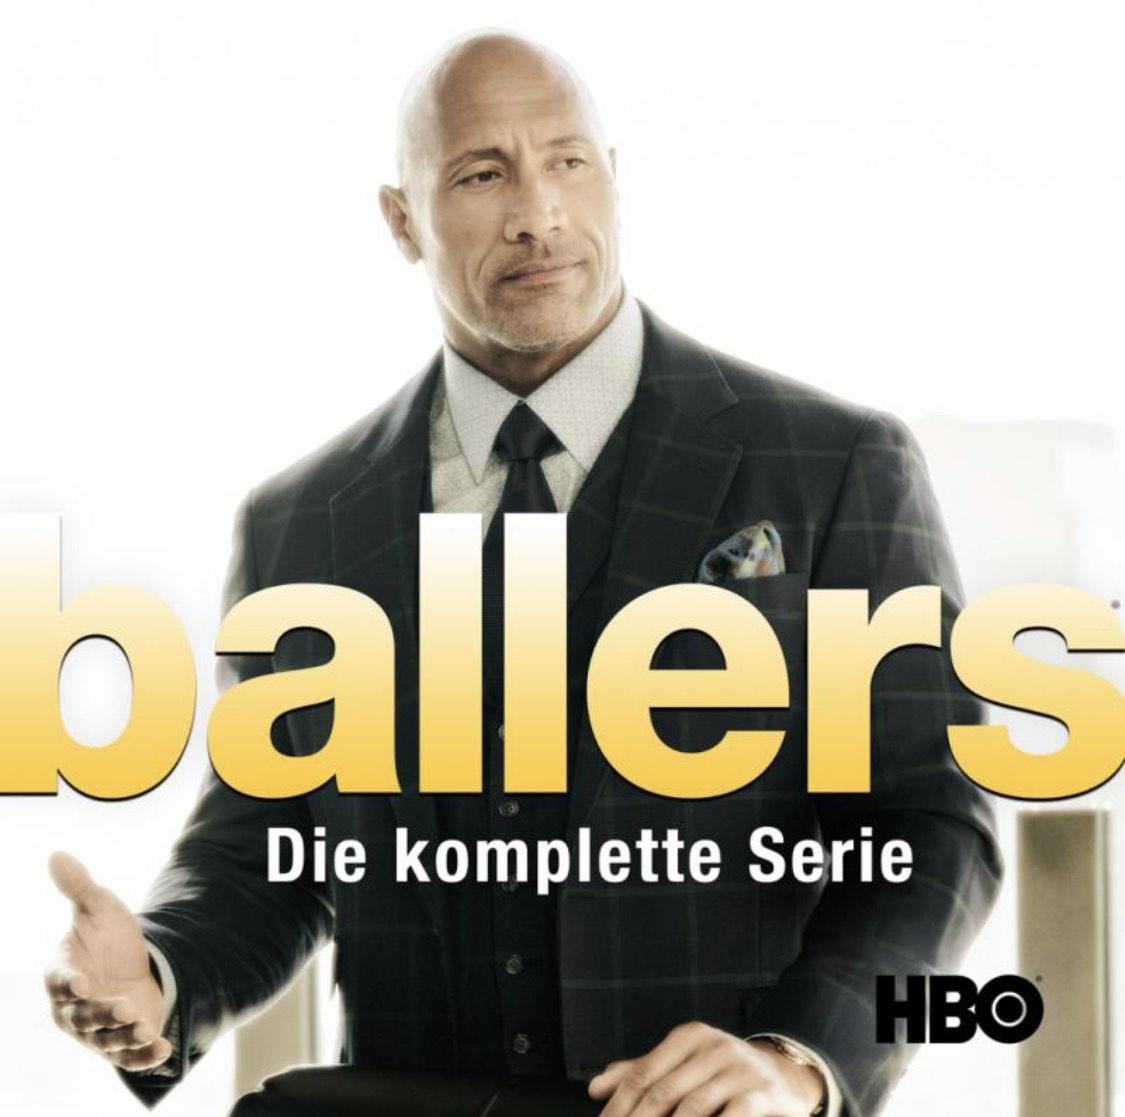 [itunes] Ballers - Die komplette Serie